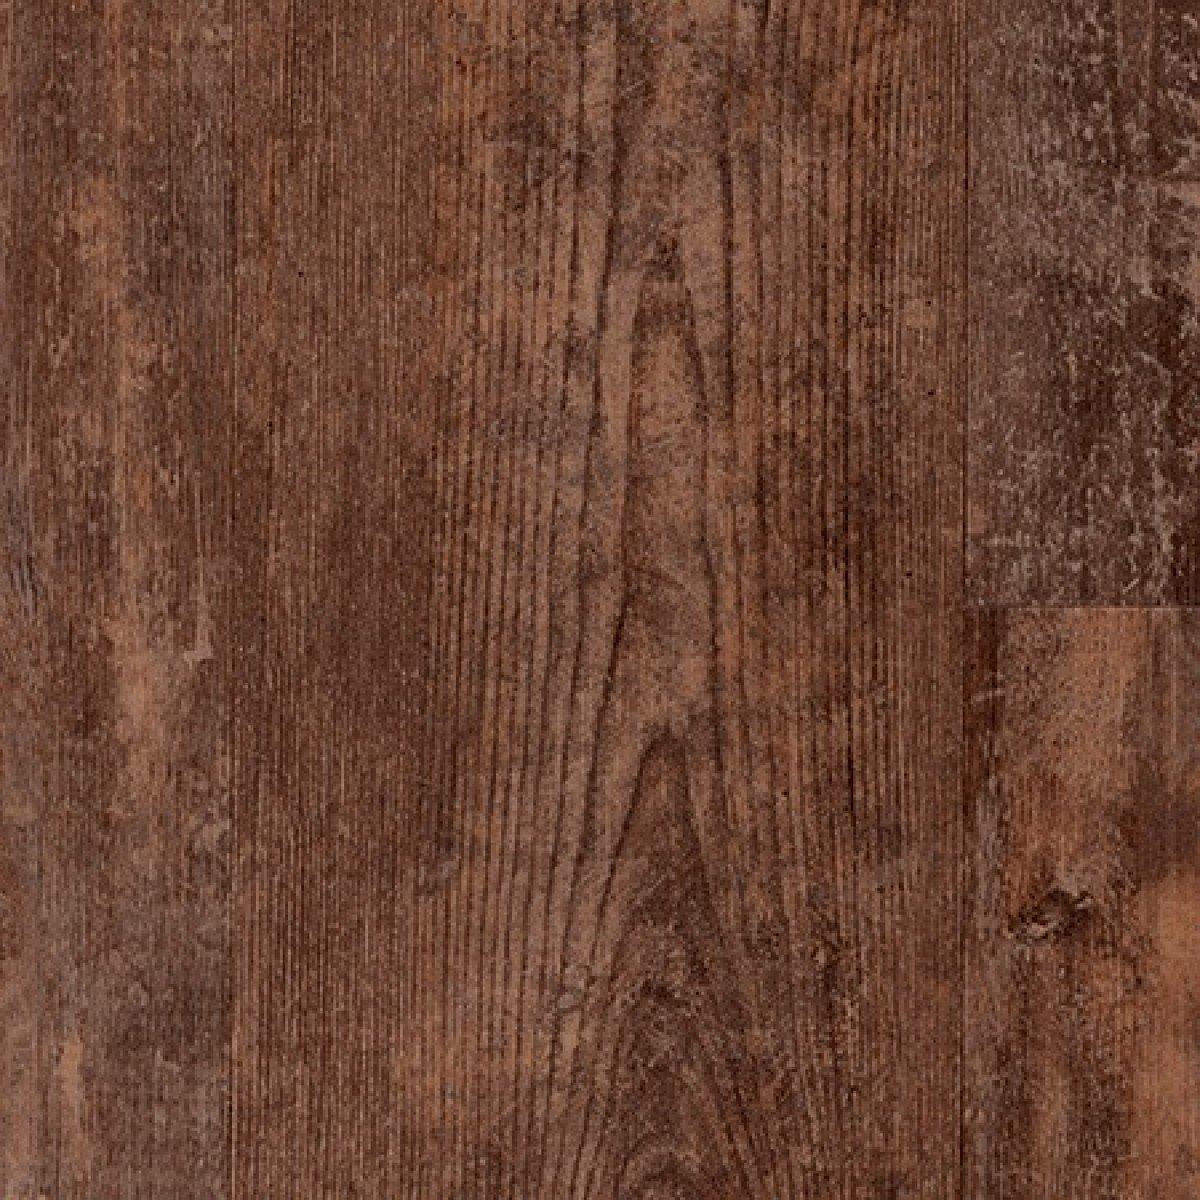 Aged Kauri